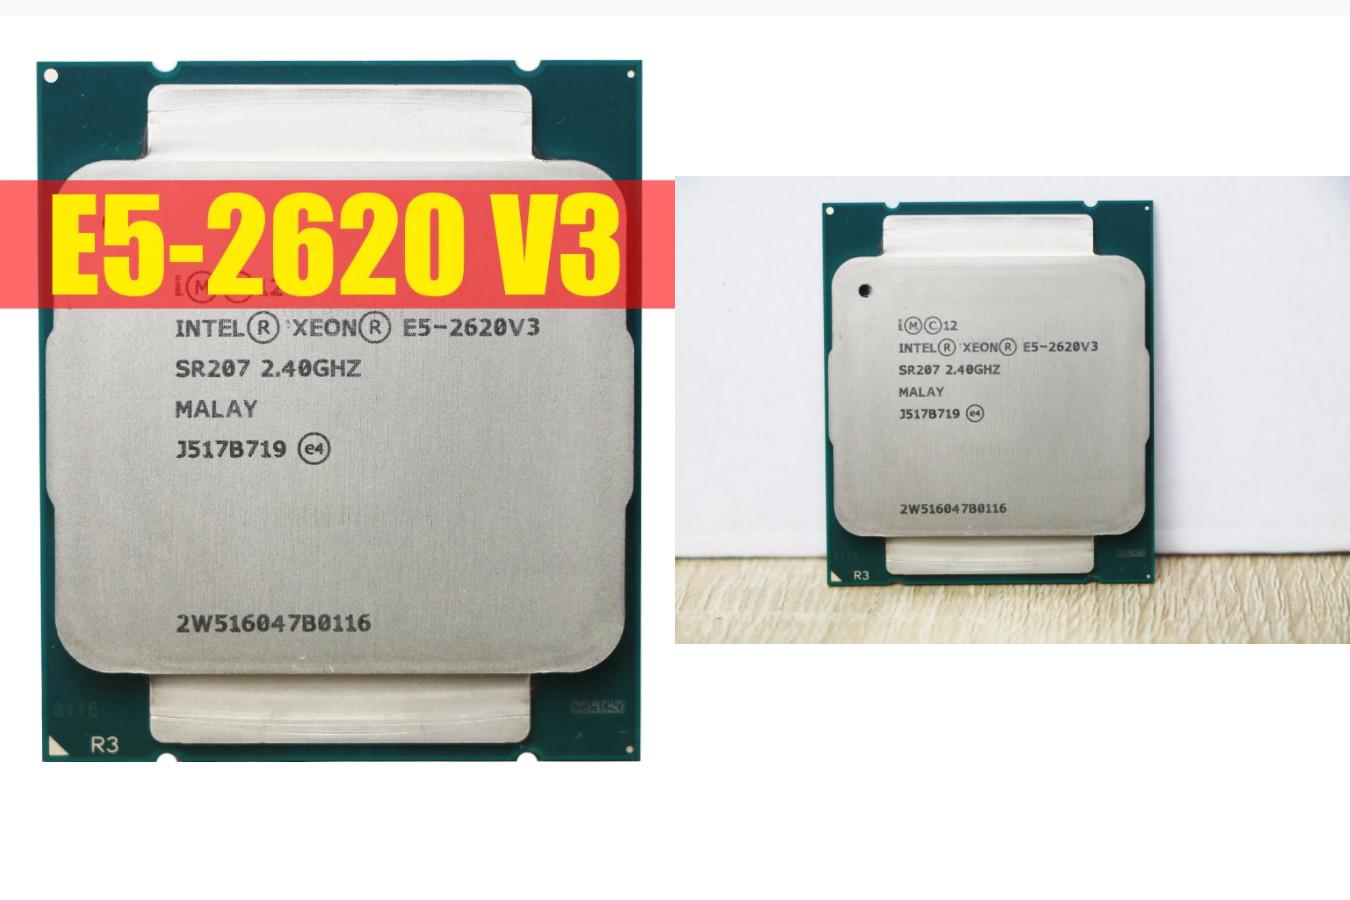 Хороший серверный процессор — Intel Xeon E5 2620 V3